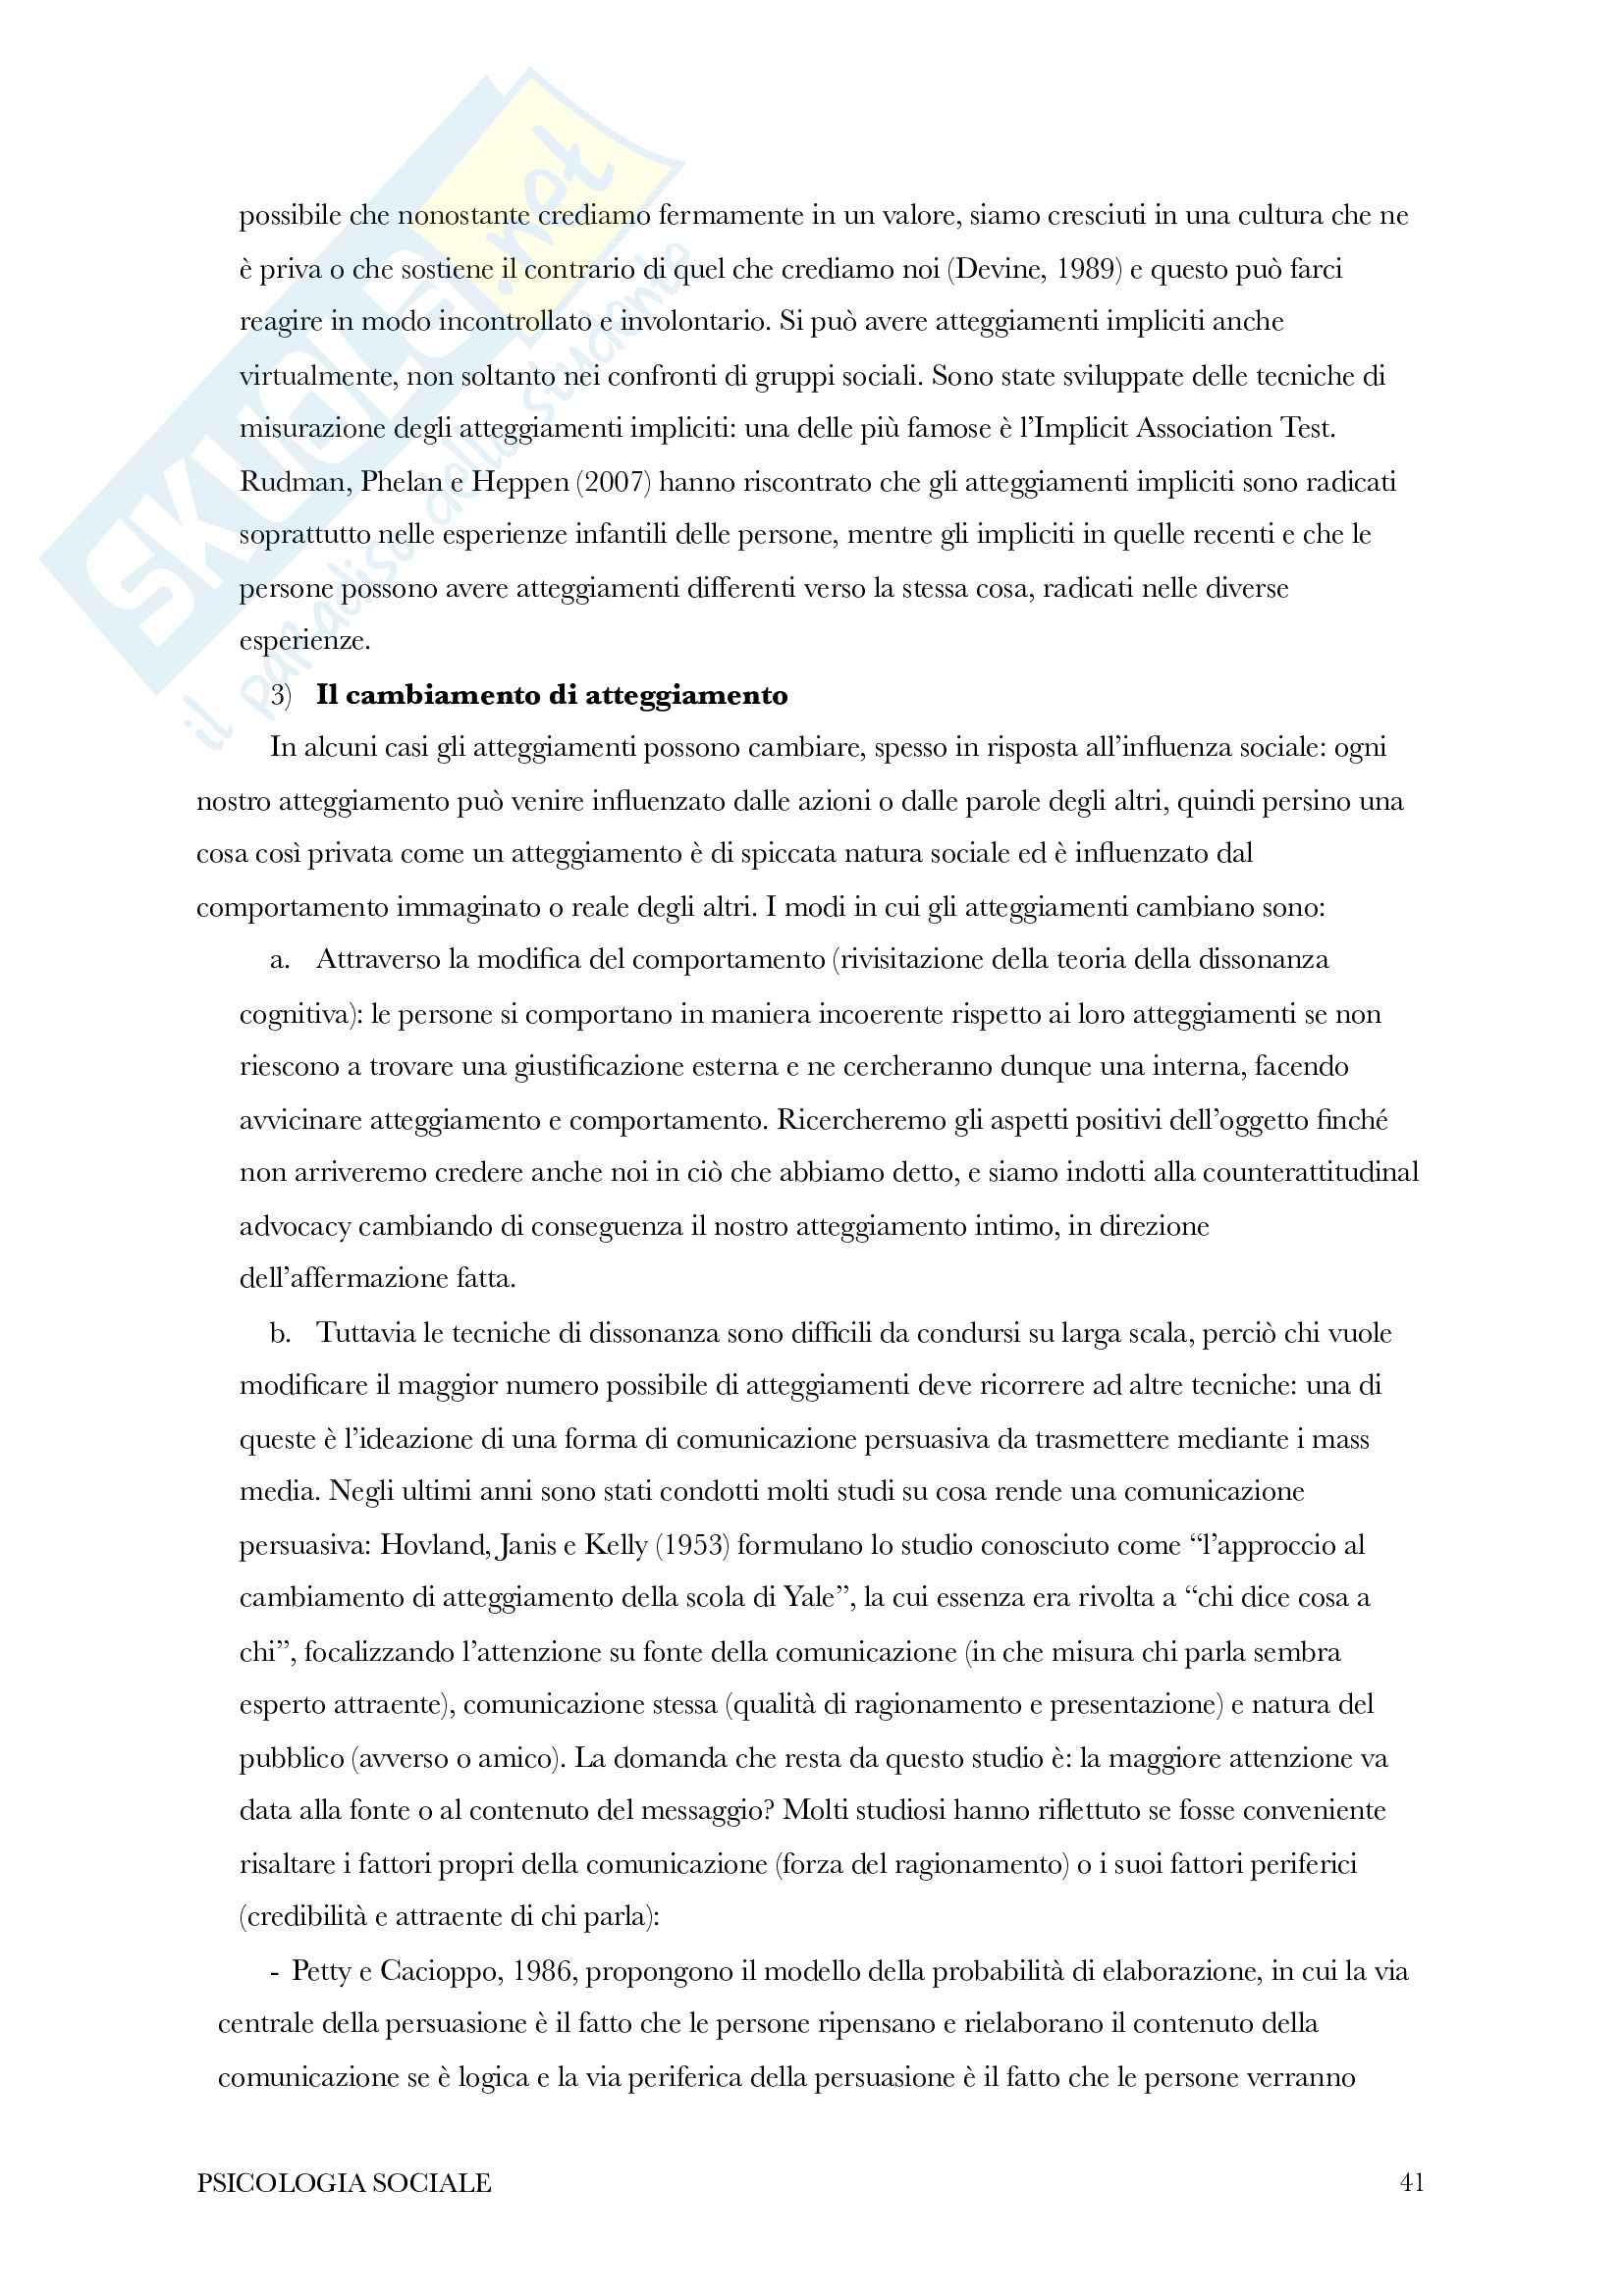 Riassunto di psicologia sociale Pag. 41